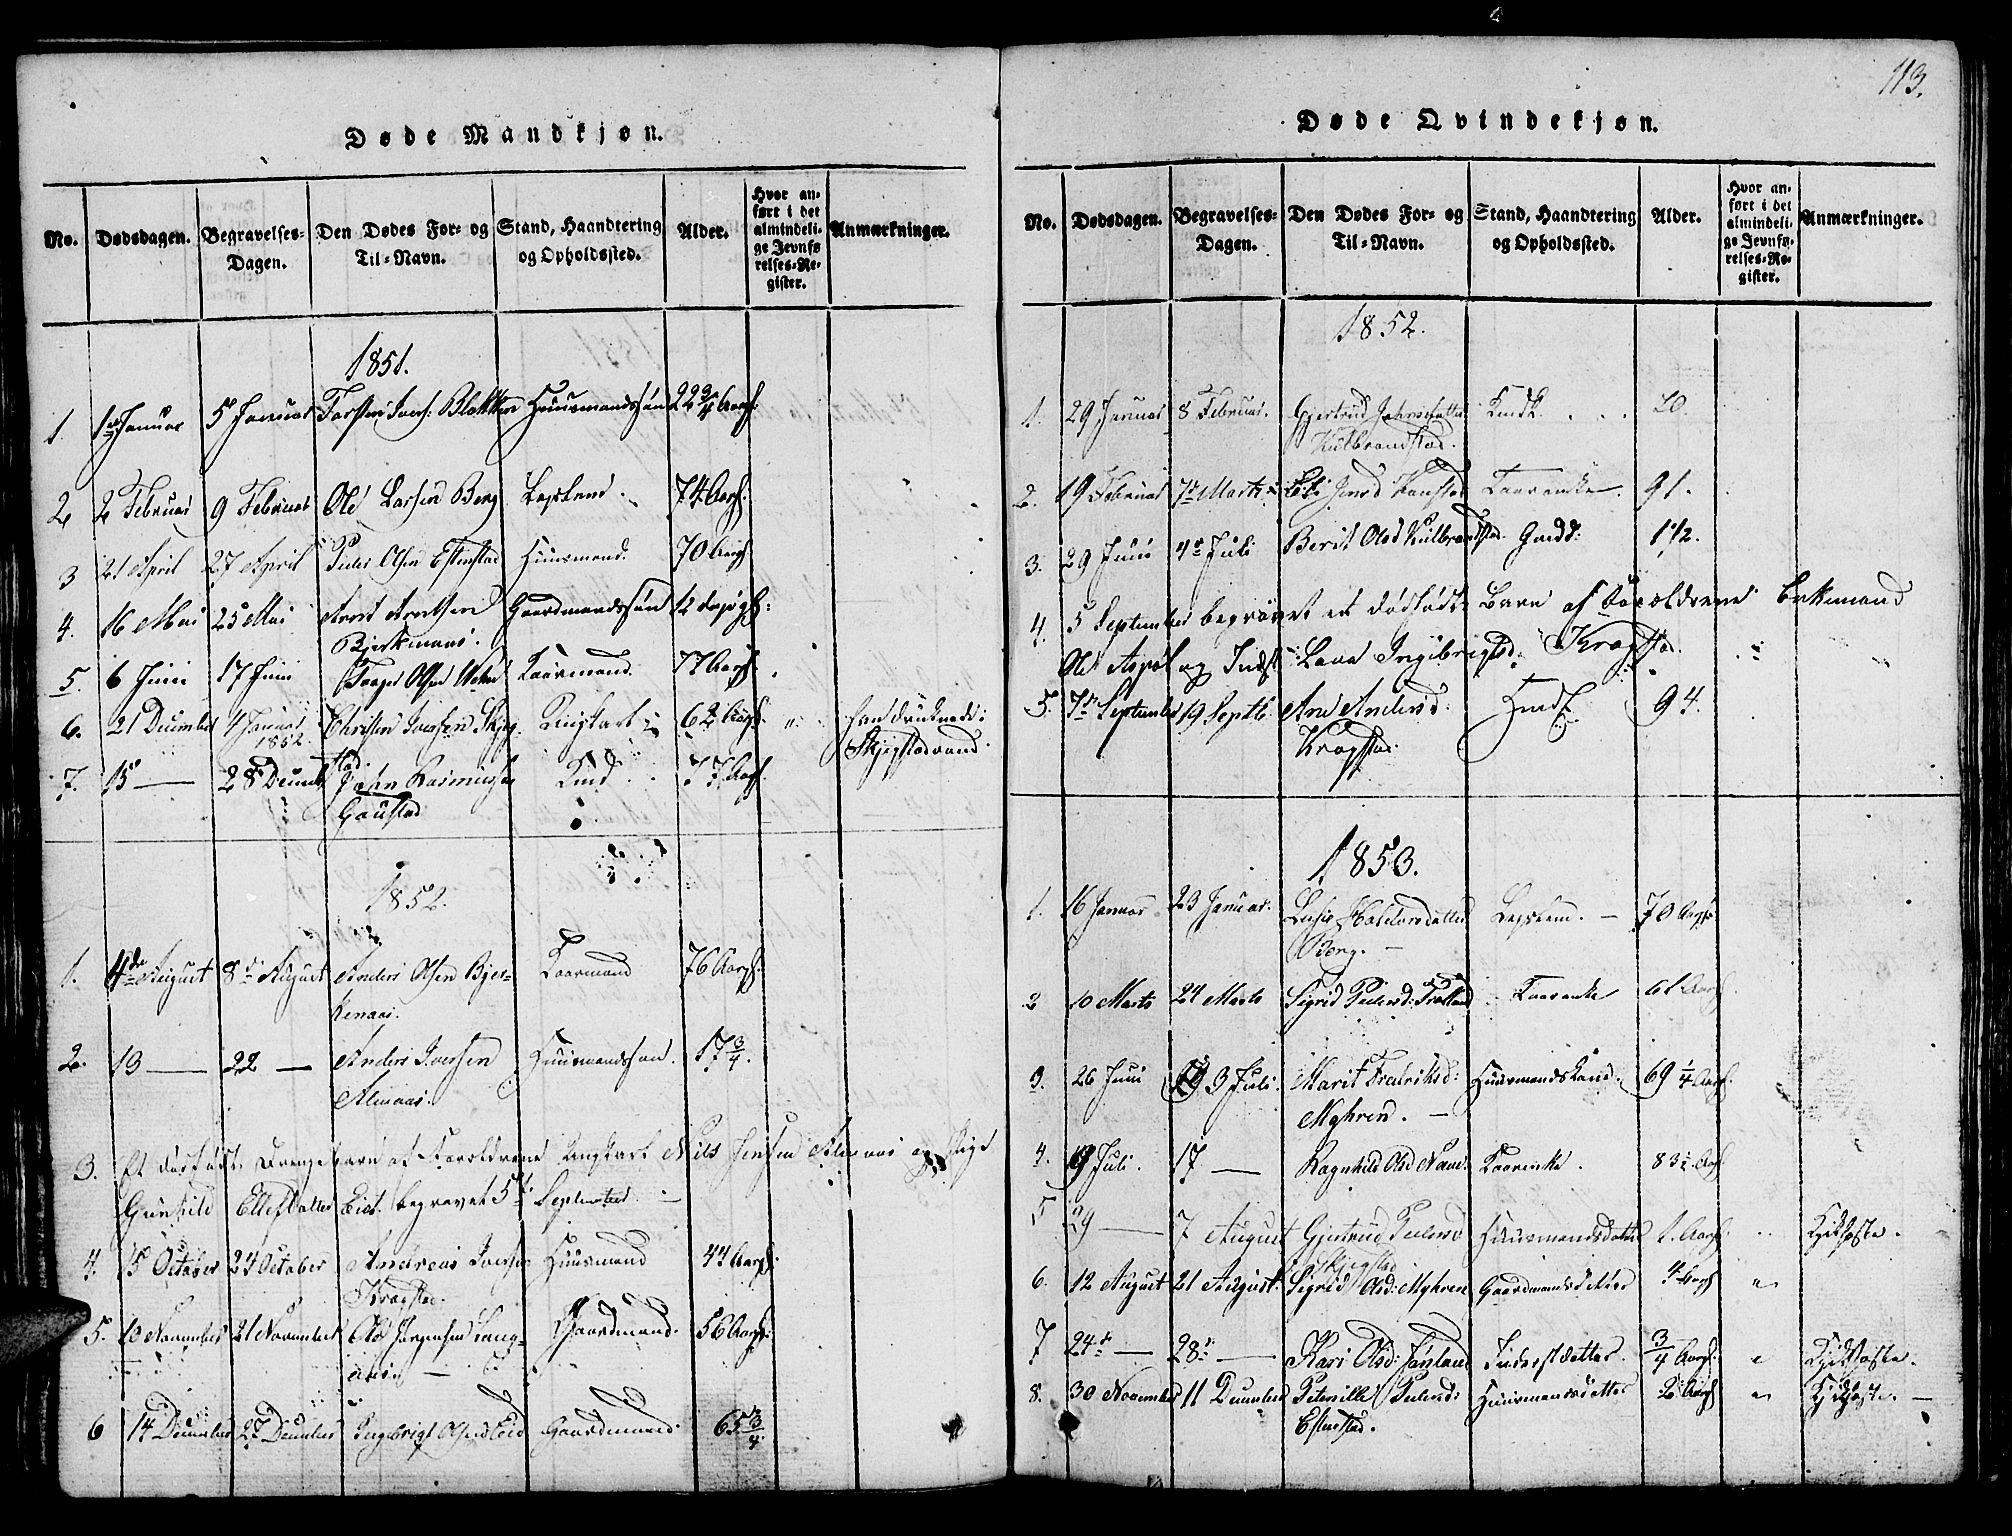 SAT, Ministerialprotokoller, klokkerbøker og fødselsregistre - Sør-Trøndelag, 694/L1130: Klokkerbok nr. 694C02, 1816-1857, s. 113